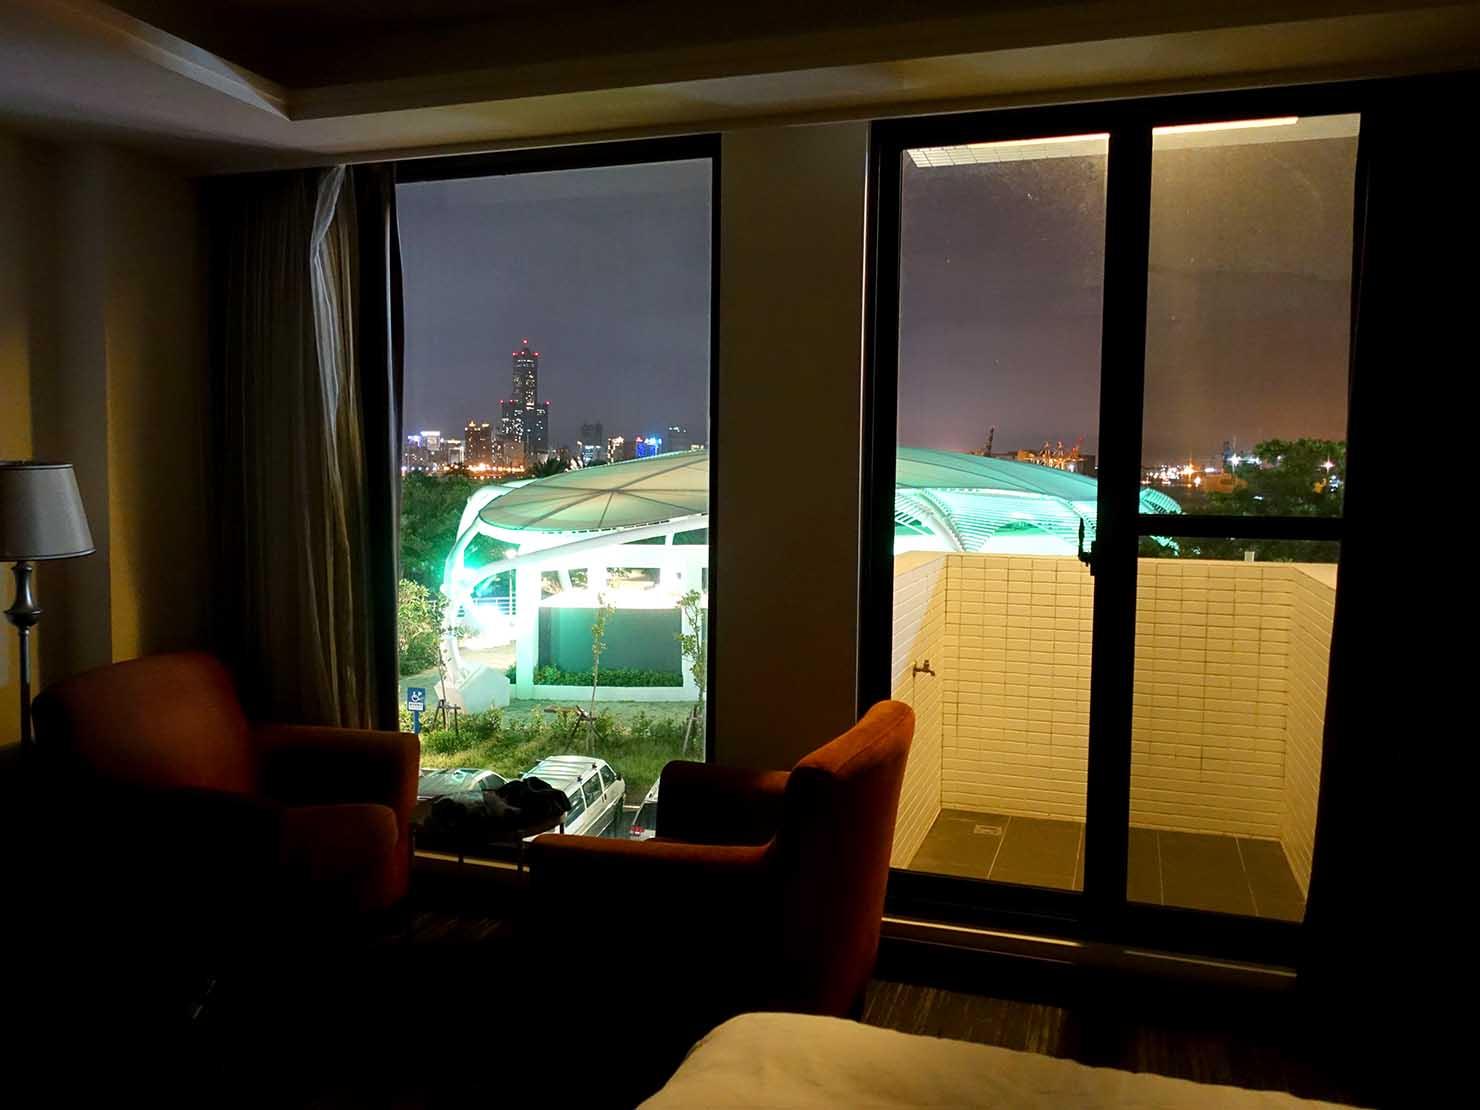 高雄・西子灣の港に立つ海辺のホテル「碧港良居 Watermark Hotel」海景豪華房から見える夜景